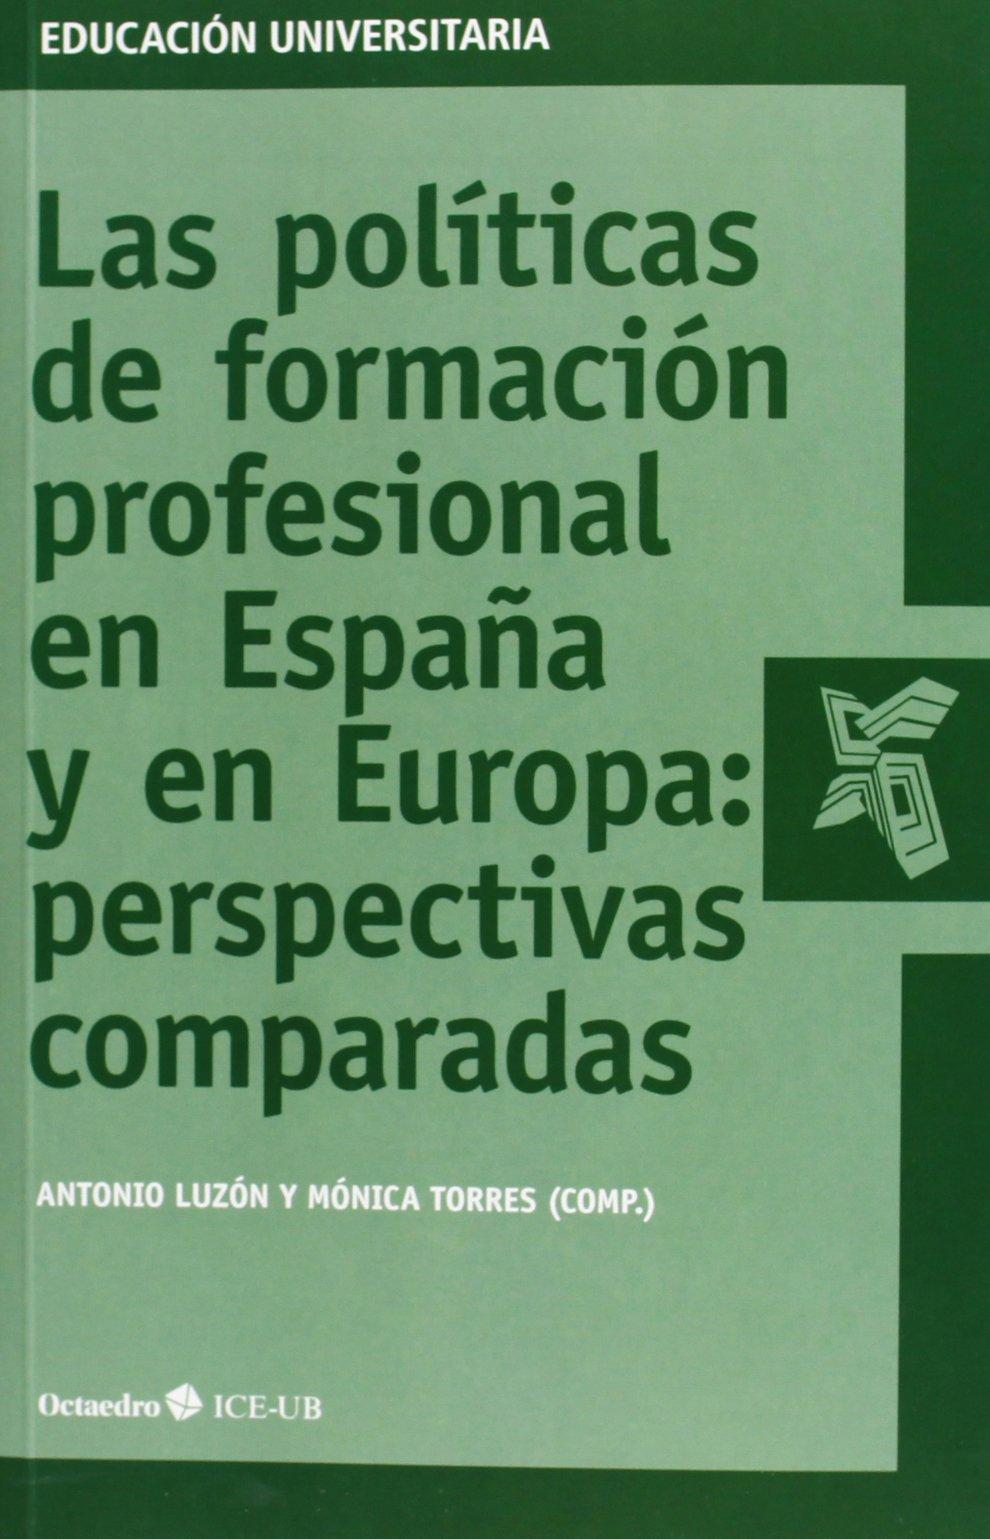 Las políticas de formación profesional en España y en Europa ...